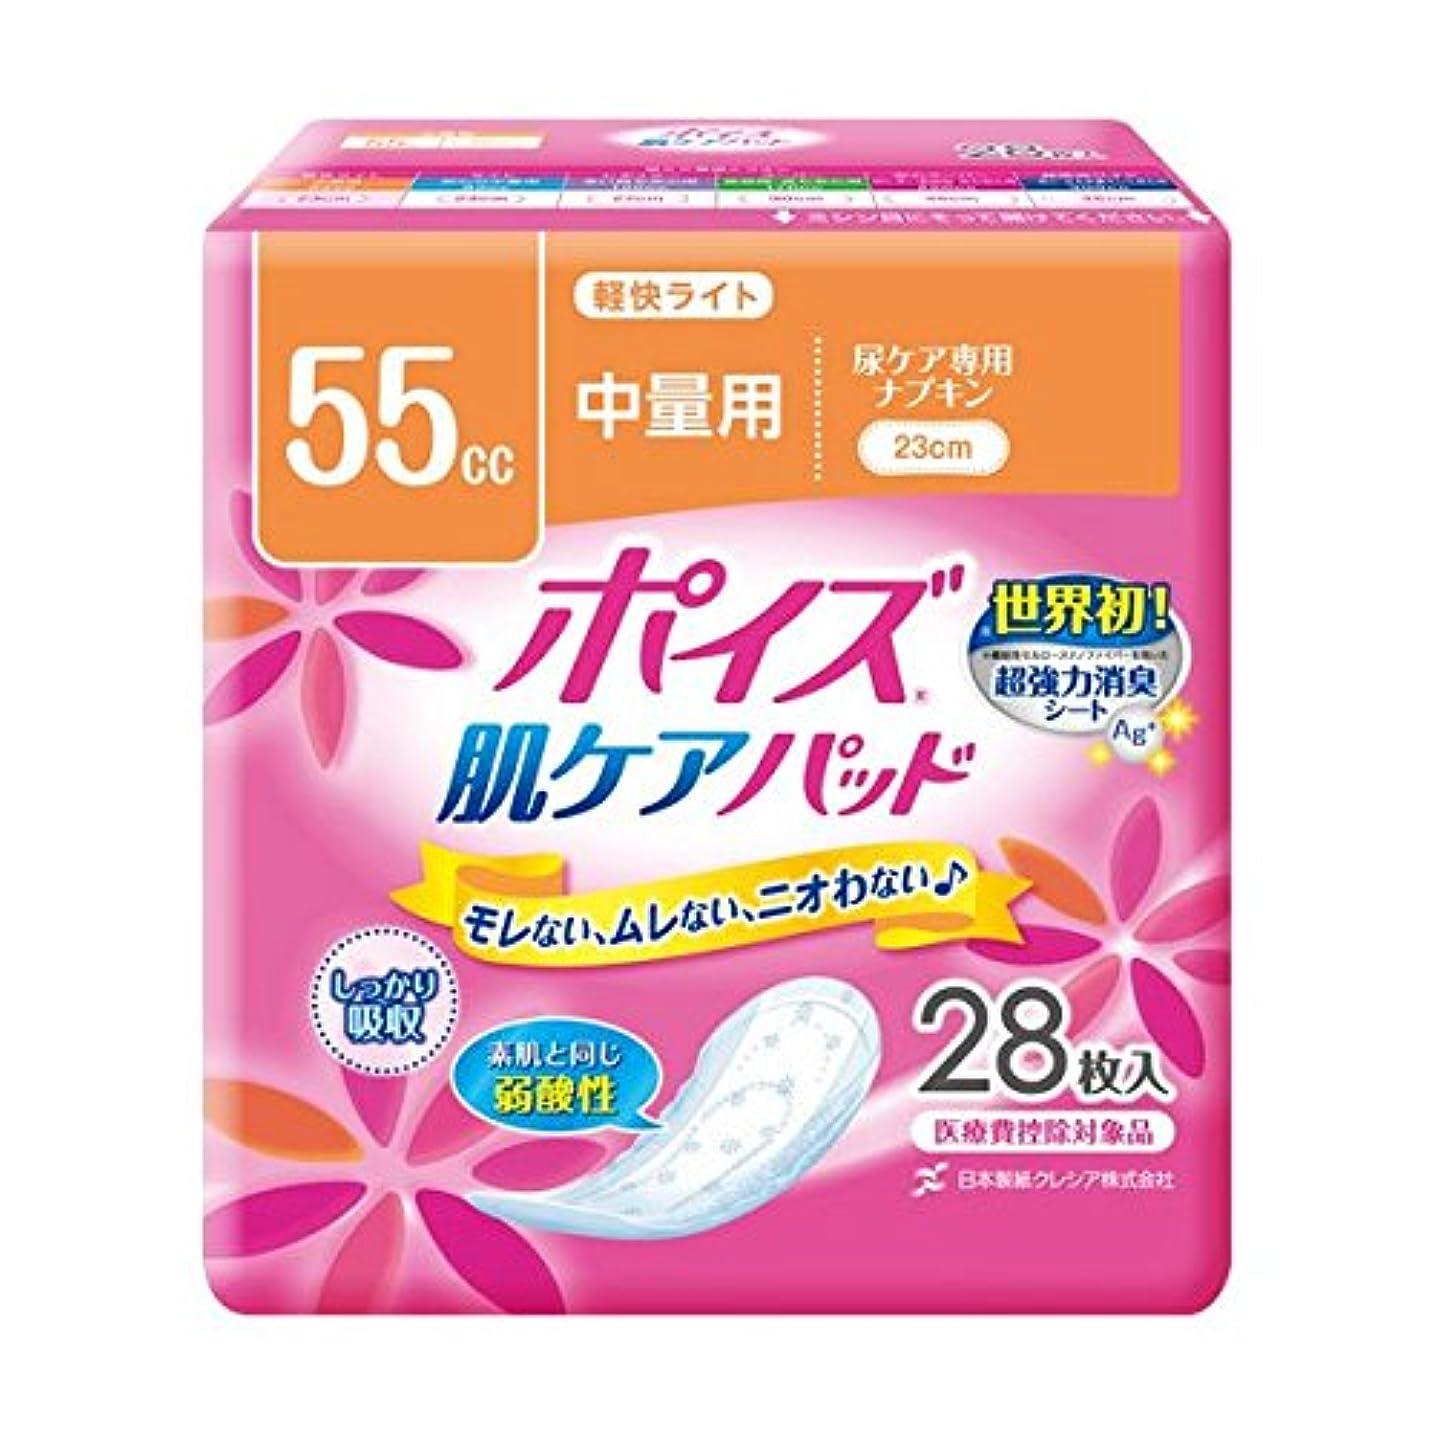 見てジェスチャー補助【お徳用 3 セット】 ポイズ 肌ケアパッド 軽快ライト 中量用 28枚入×3セット